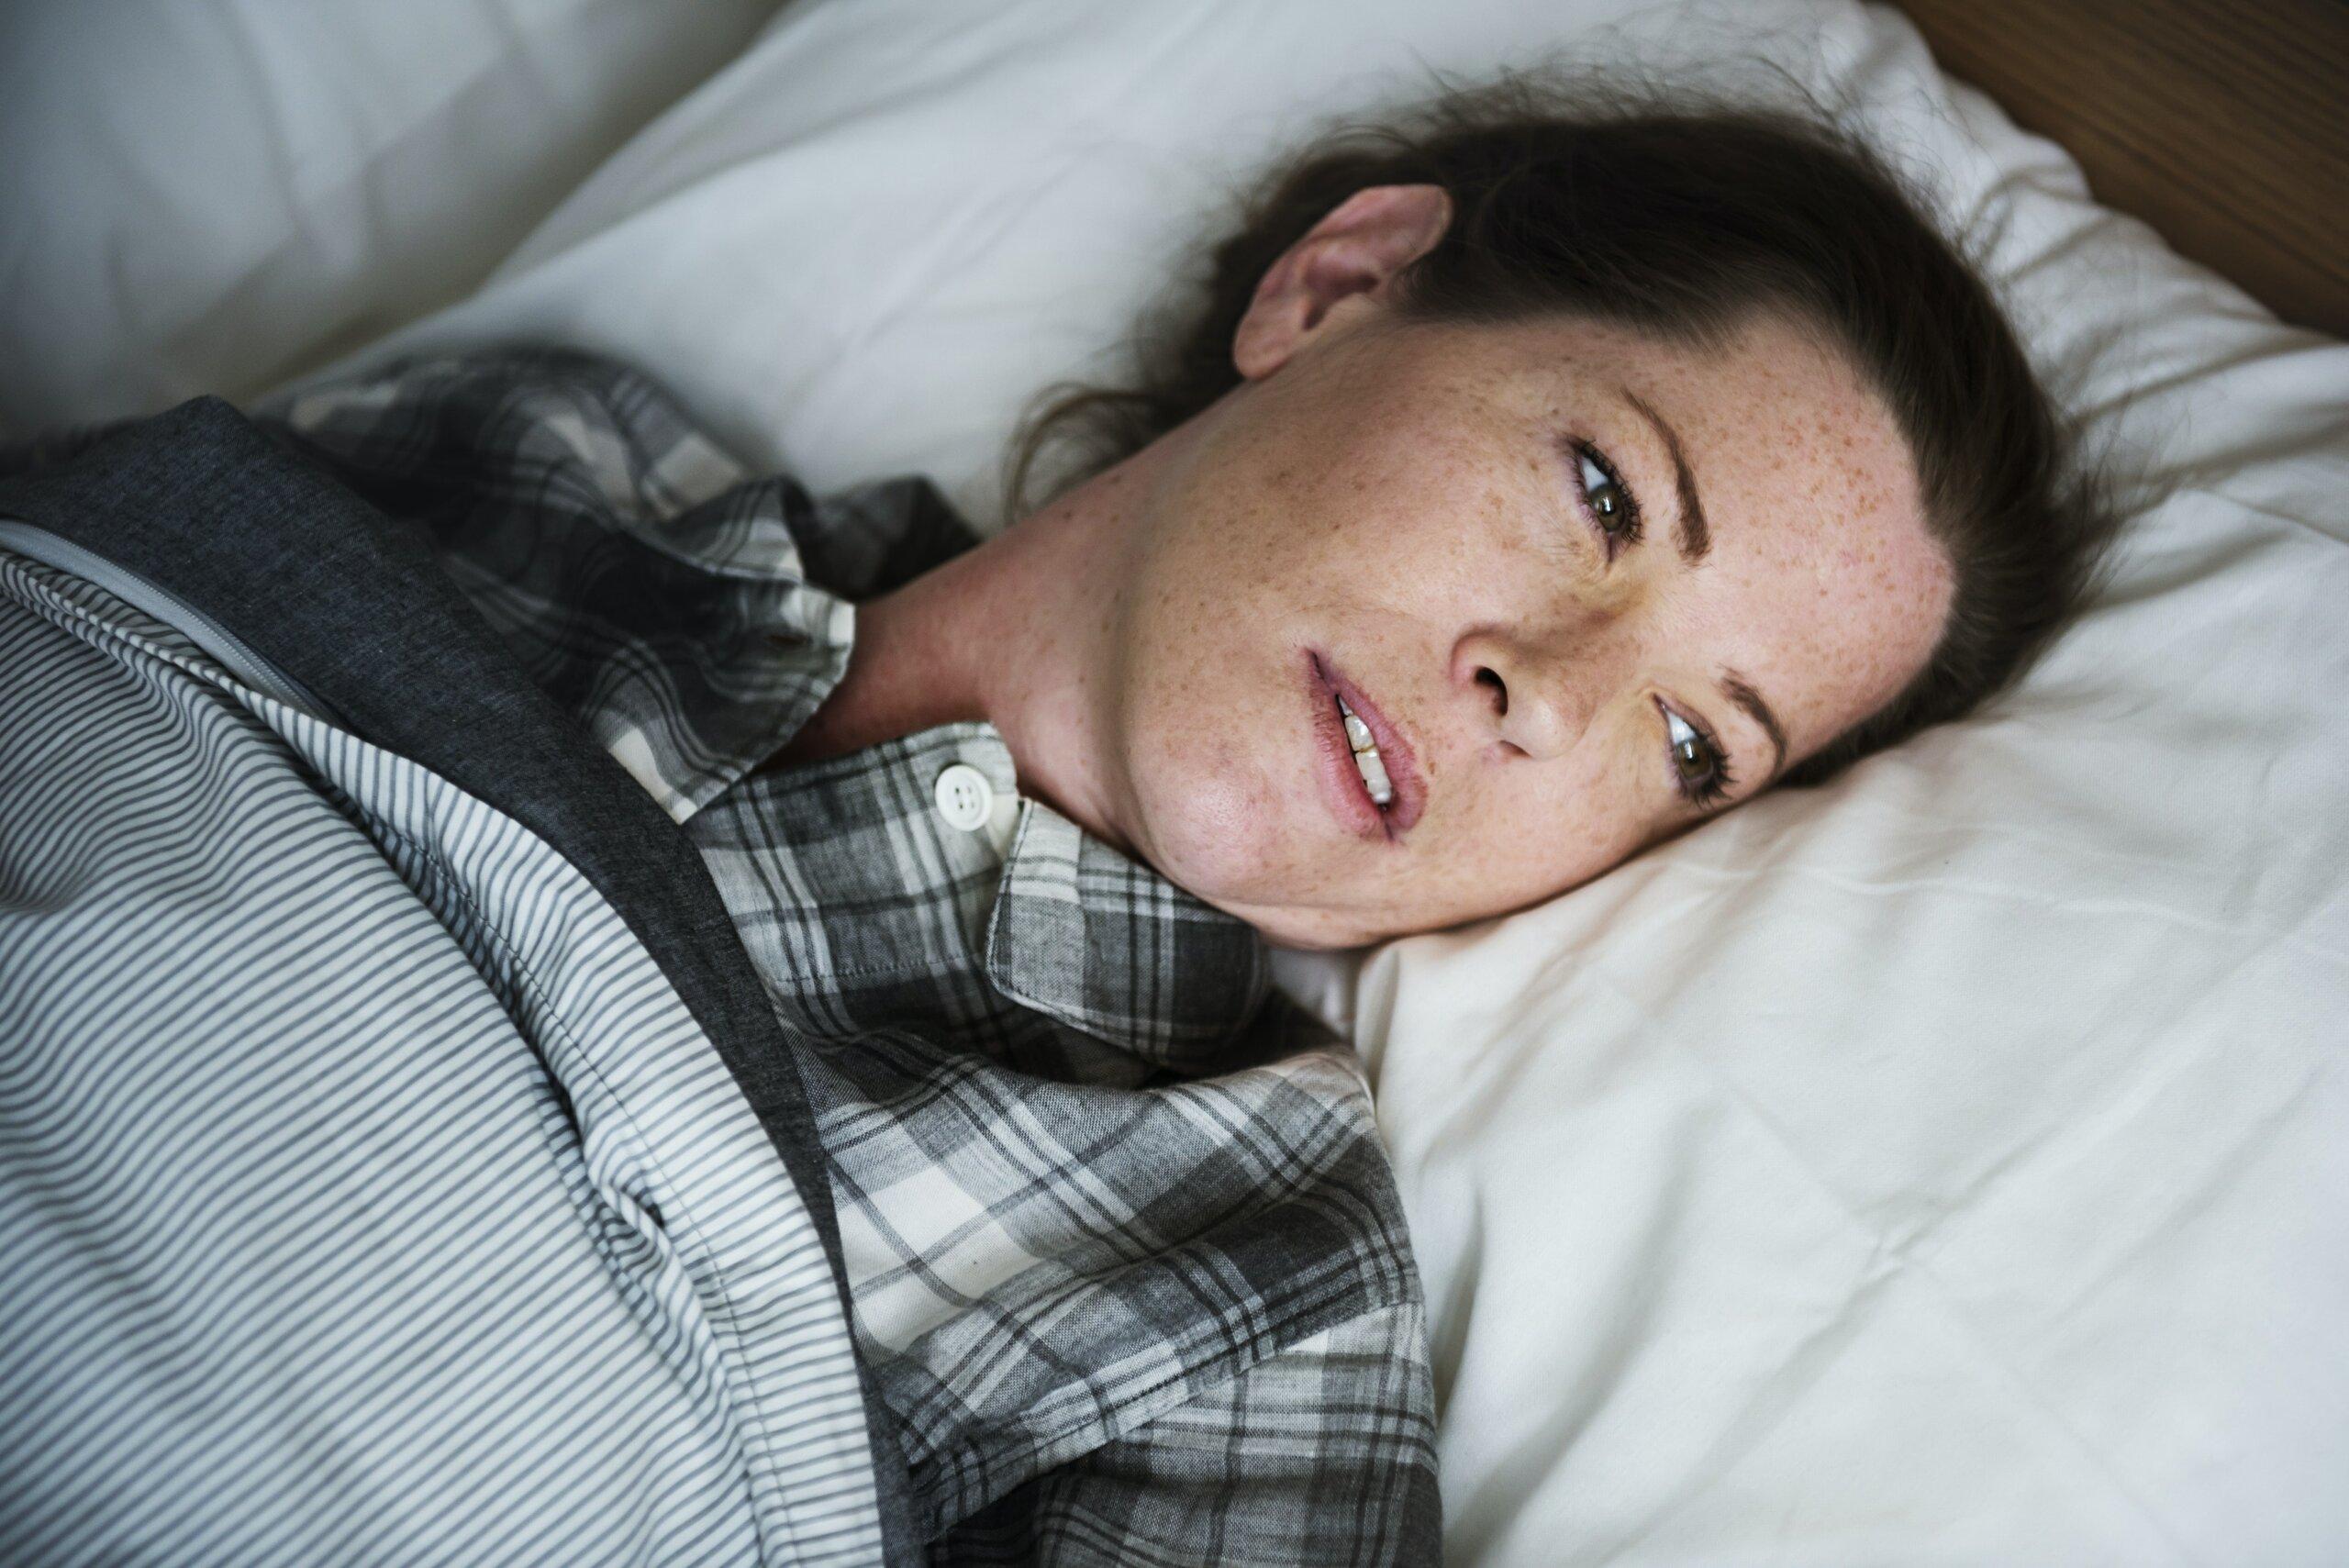 femme au lit souffrant d'anxiété